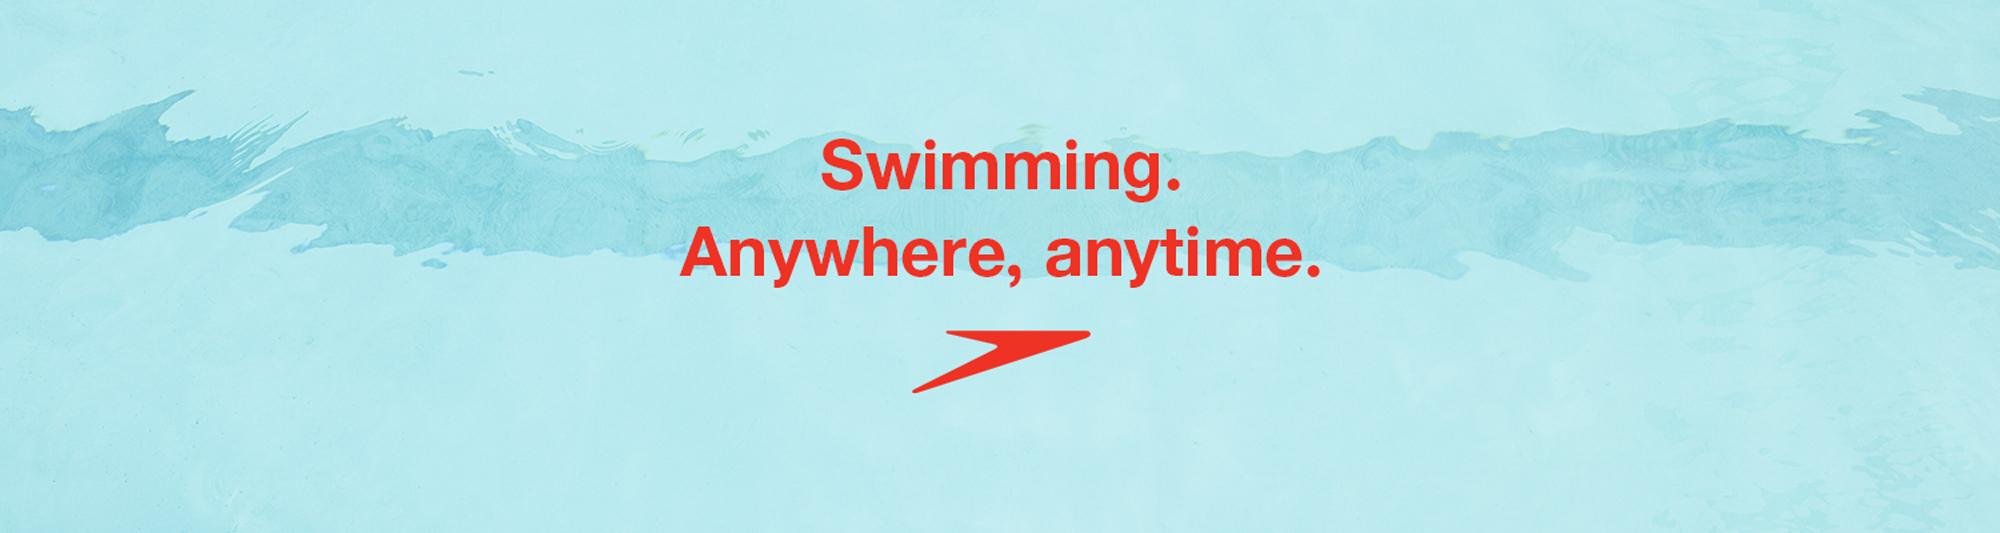 Speedo שחייה במים פתוחים